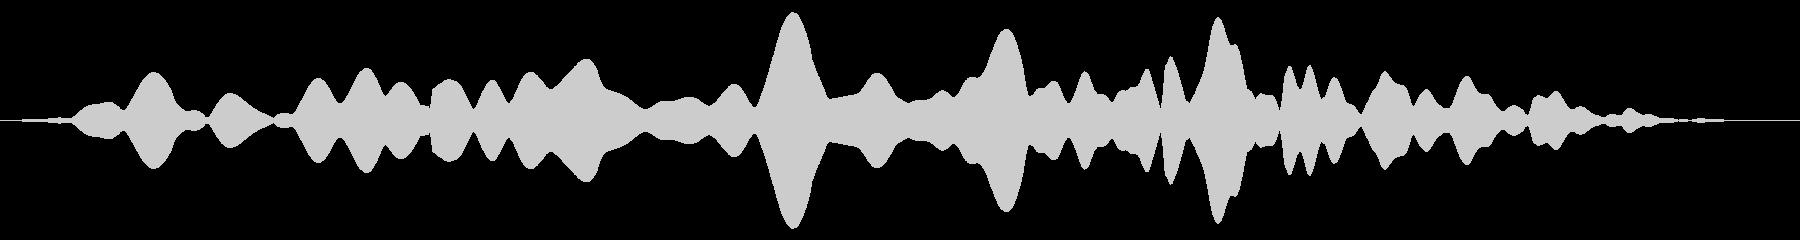 素材 シンプルムービングサインロング03の未再生の波形